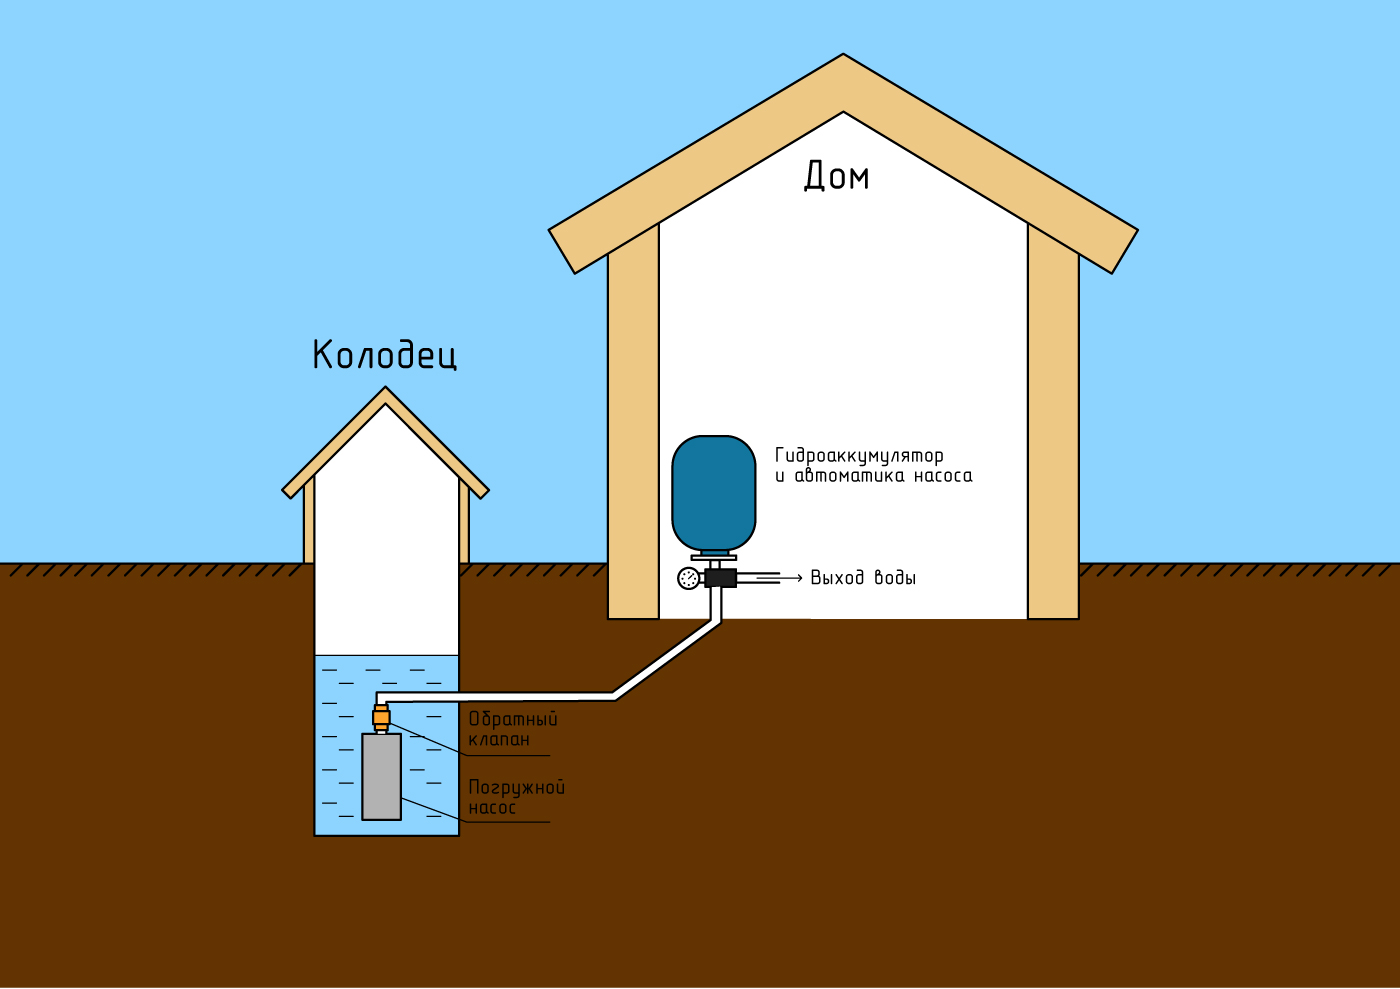 Как сделать водопровод из колодца на даче или в частном доме 11